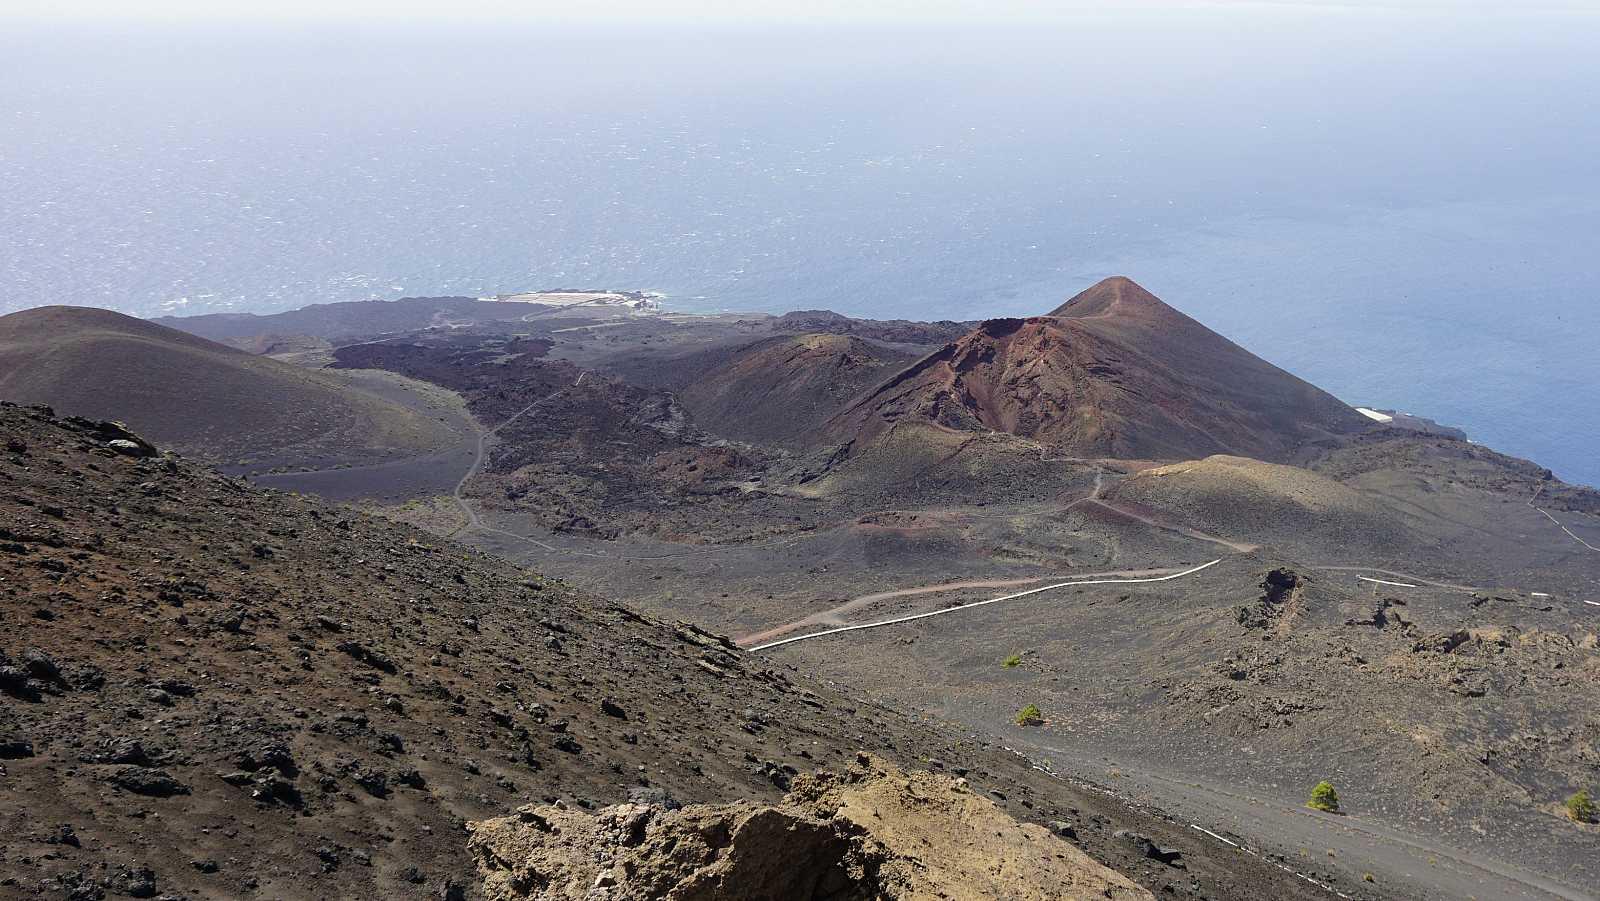 Imagen del volcán Teneguía, cuya erupción en 1971 ha sido la última registrada en La Palma.